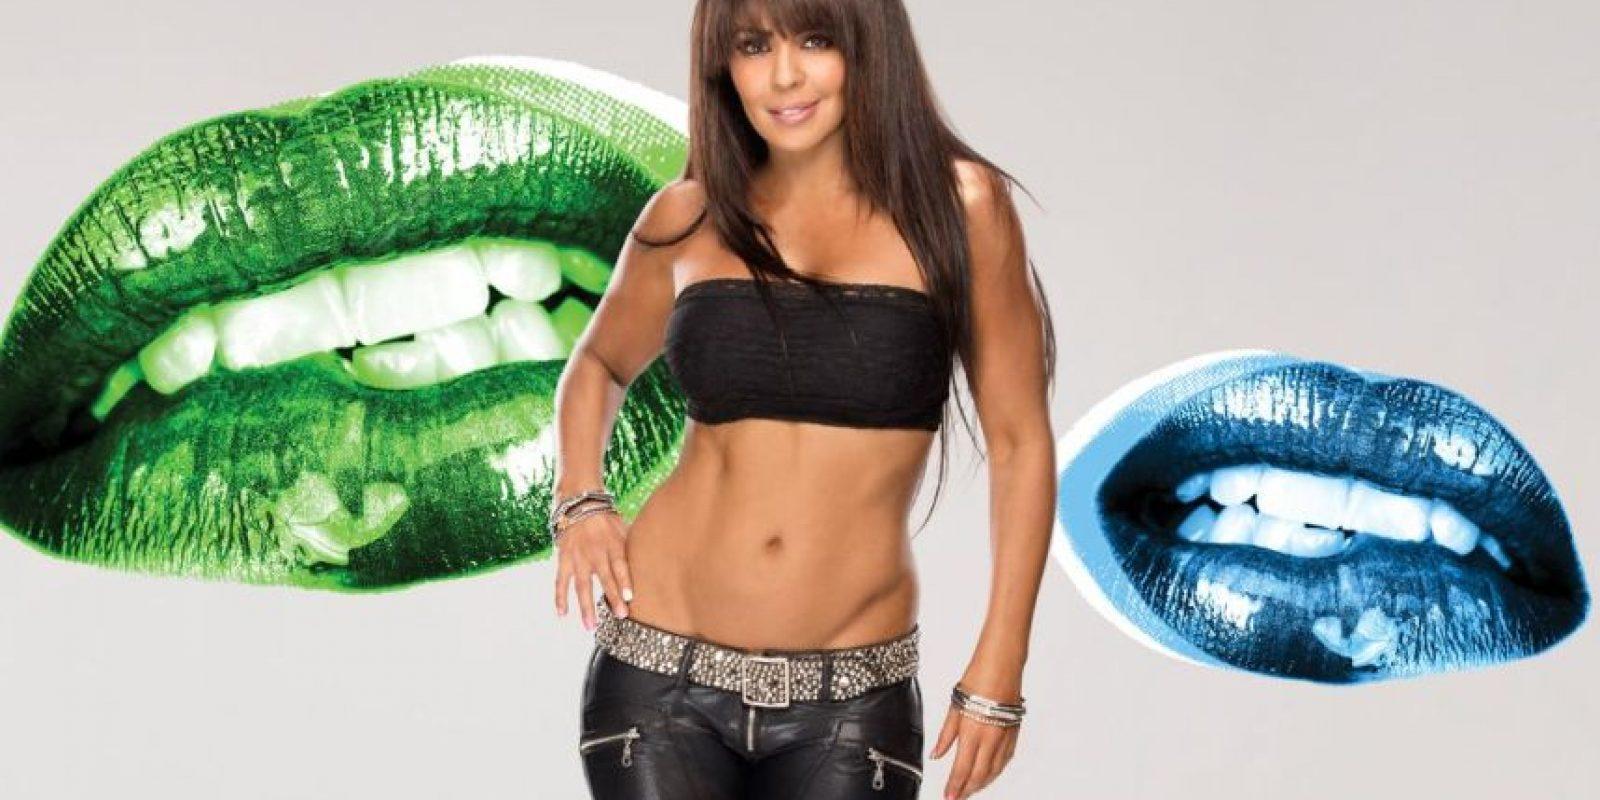 Además de dedicarse a la lucha libre, también se desempeñaba como bailarina y modelo profesional. Foto:wwe.com